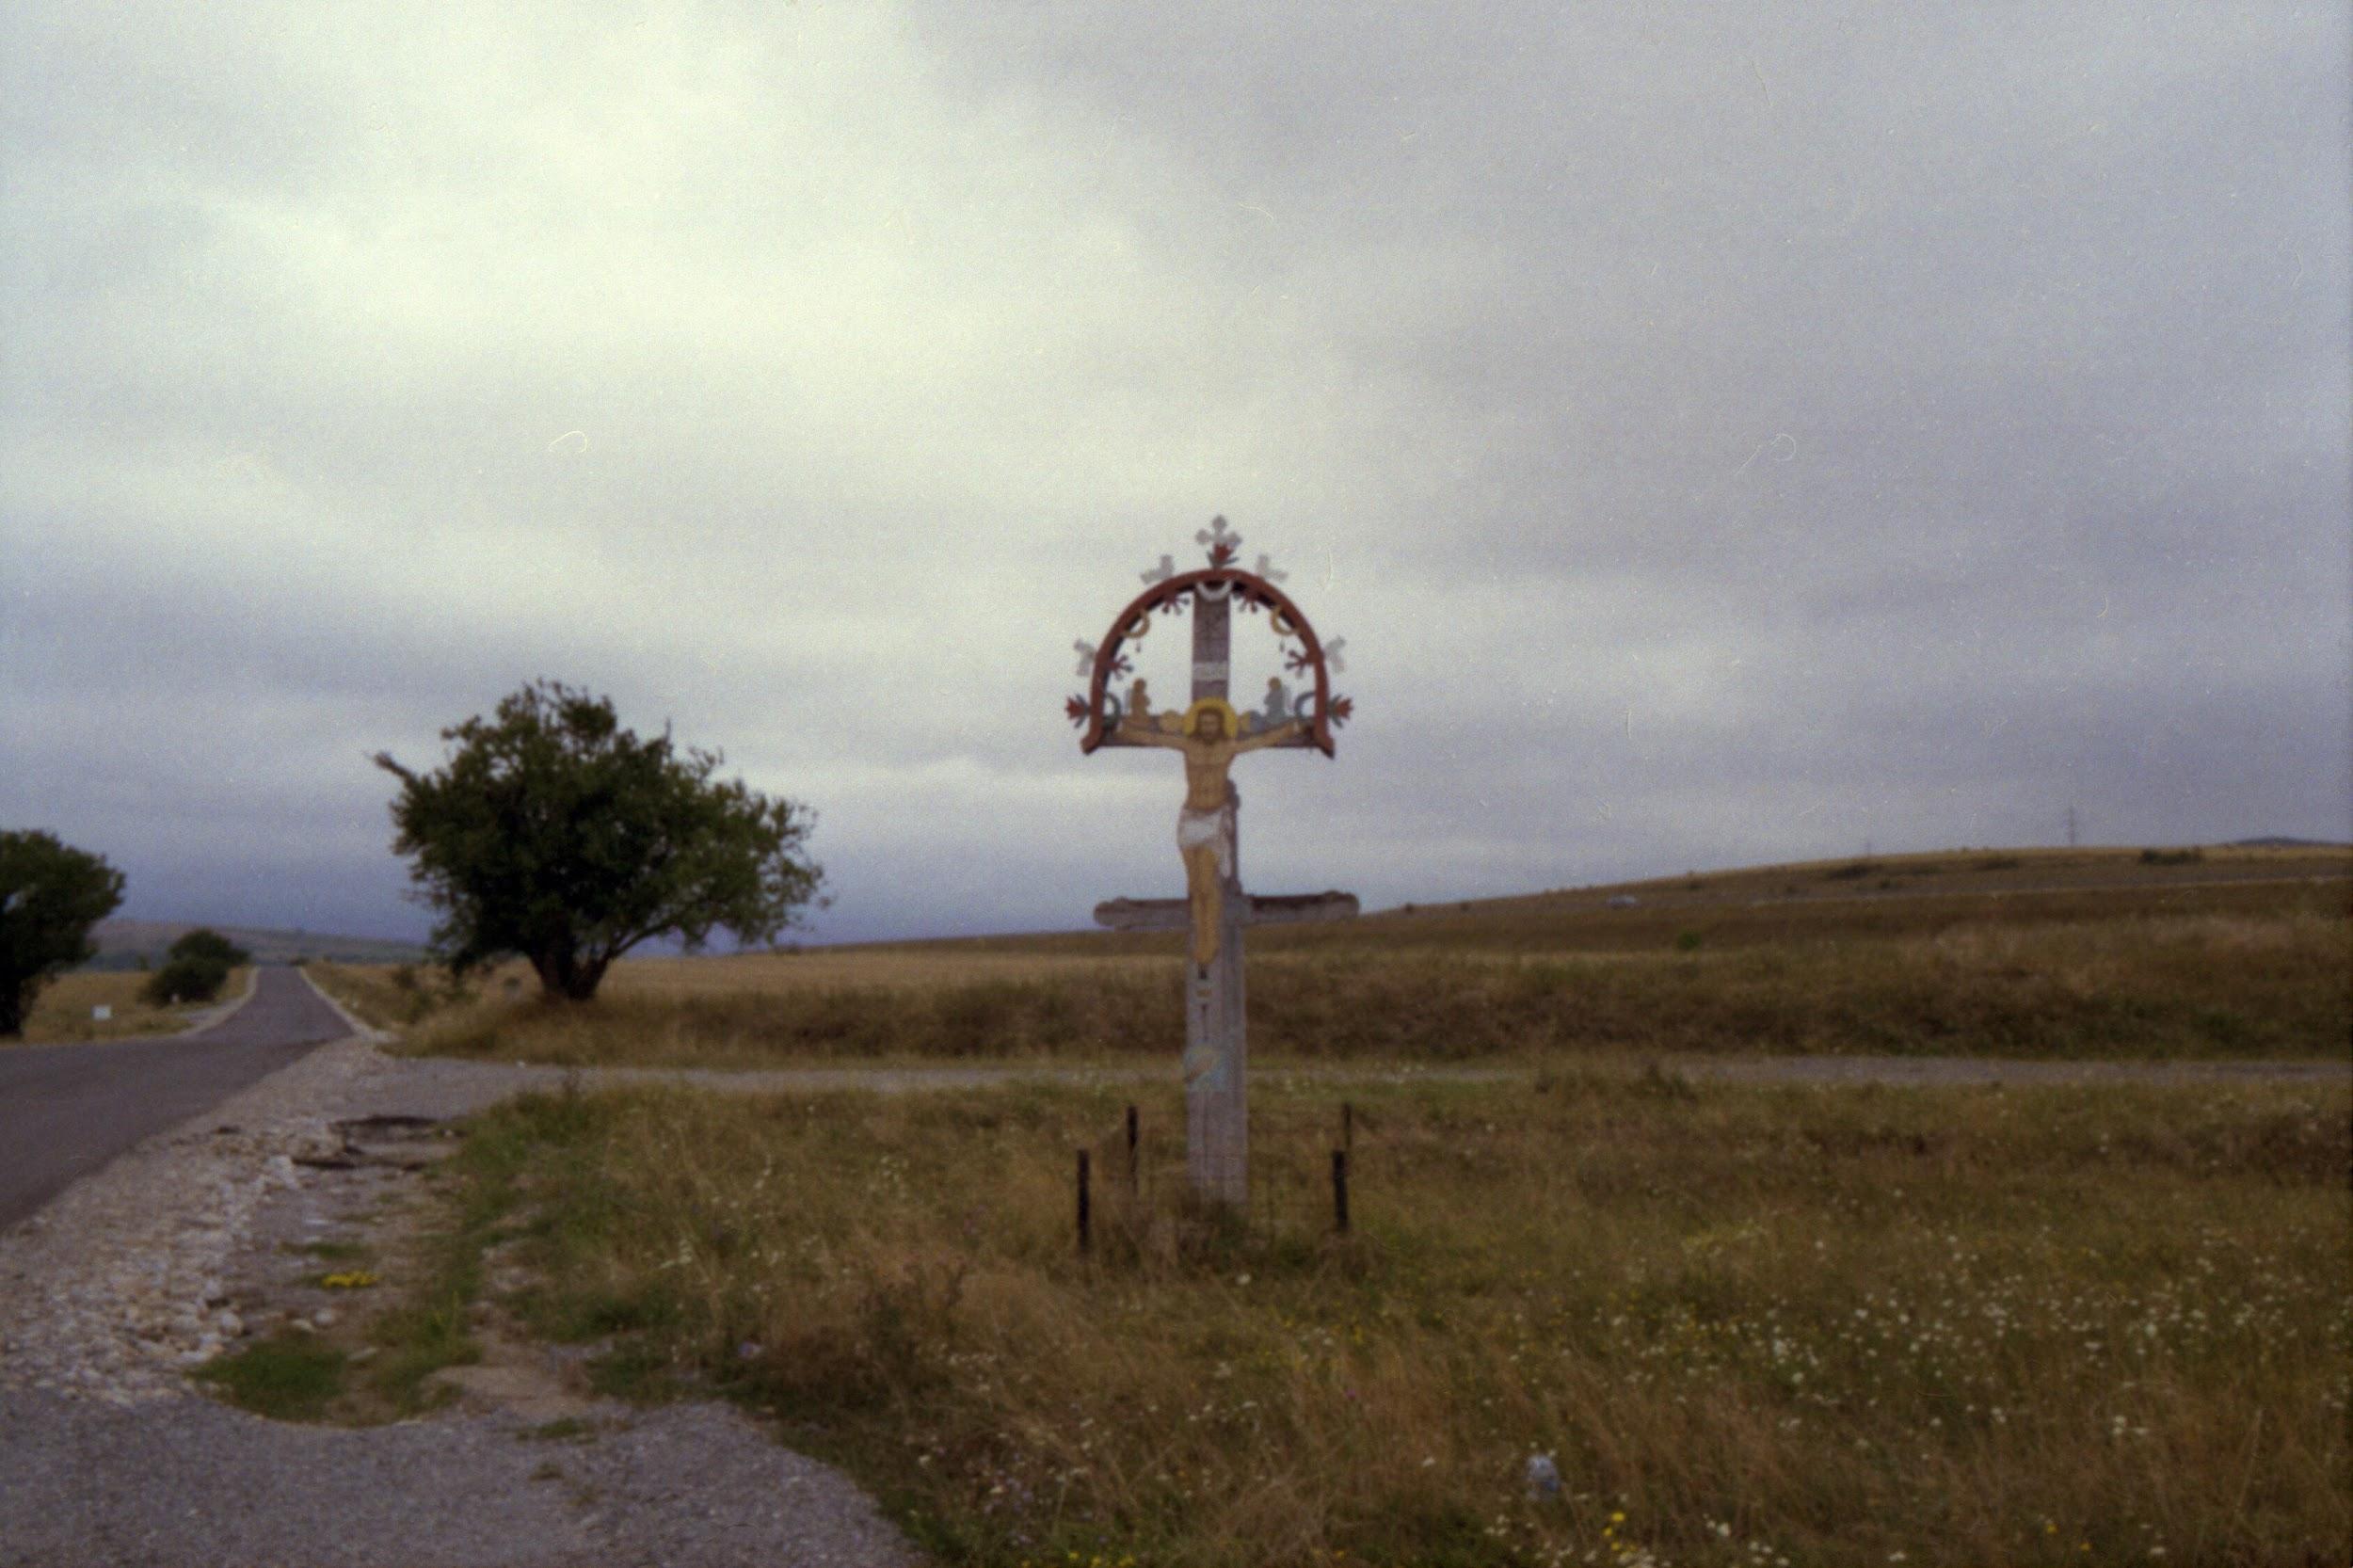 Crocifisso protetto da una sicura recinzione